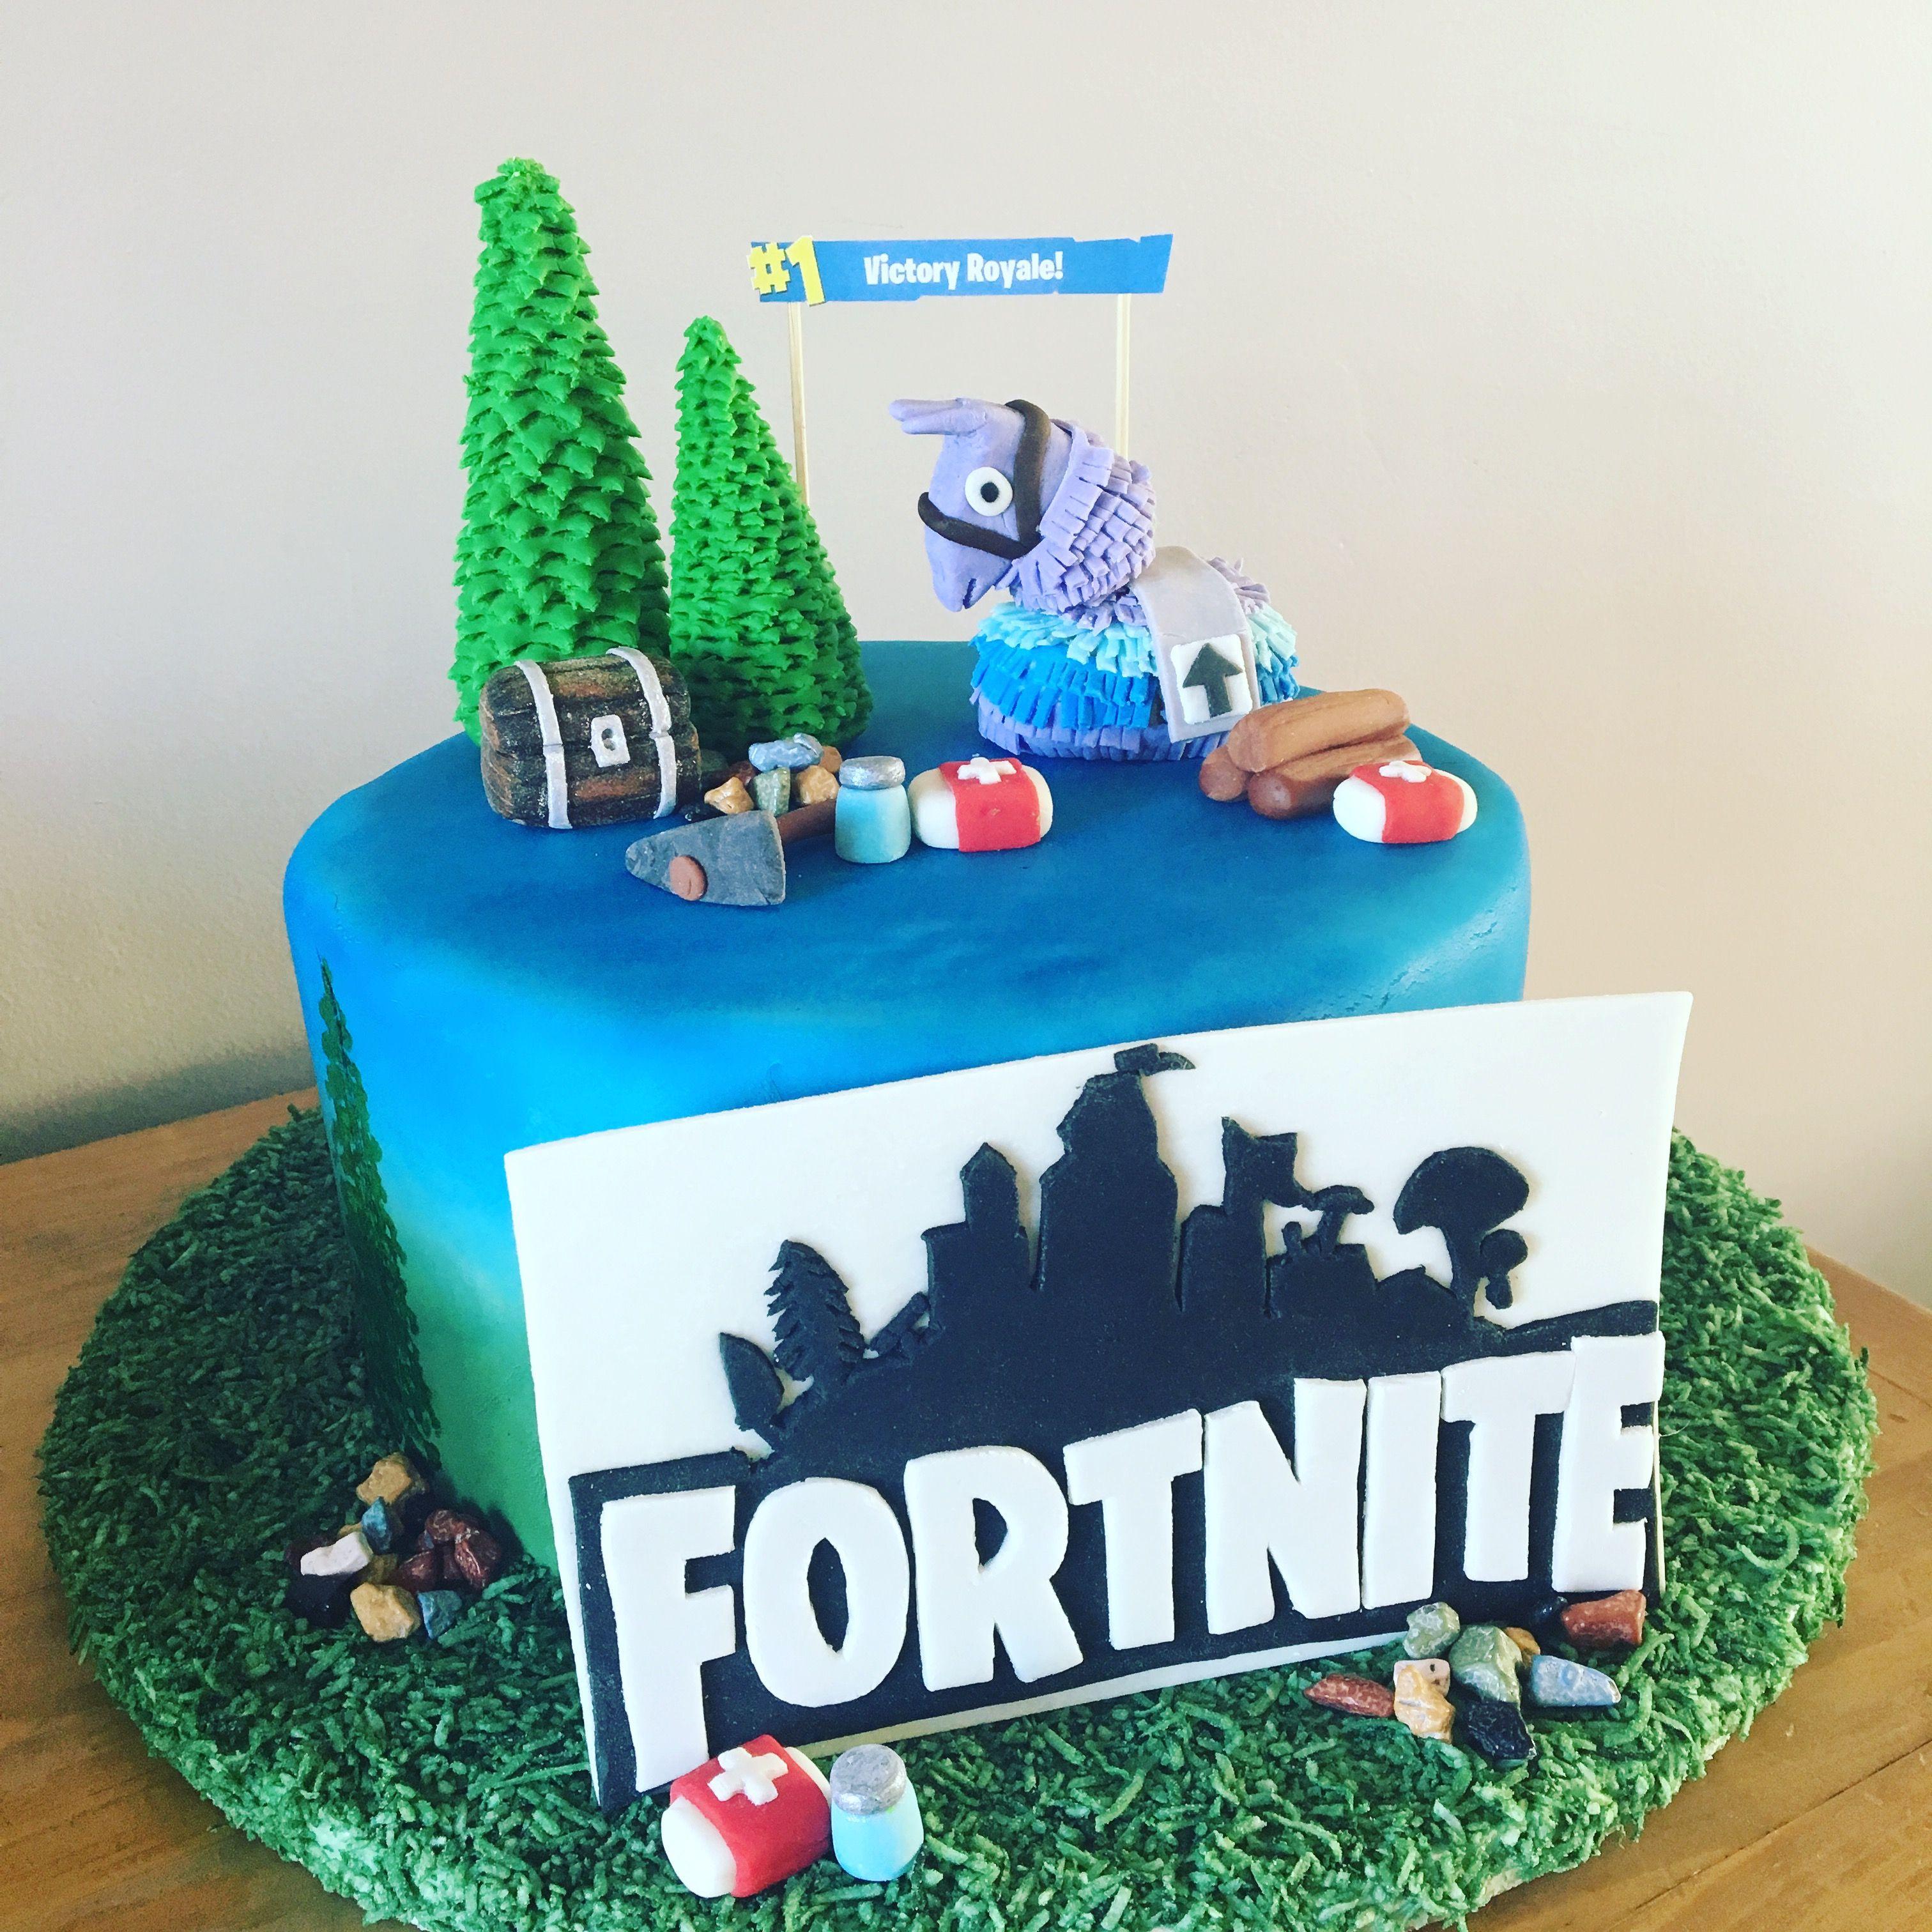 Fortnite Cake Video Game Cake Handmade Gumpaste